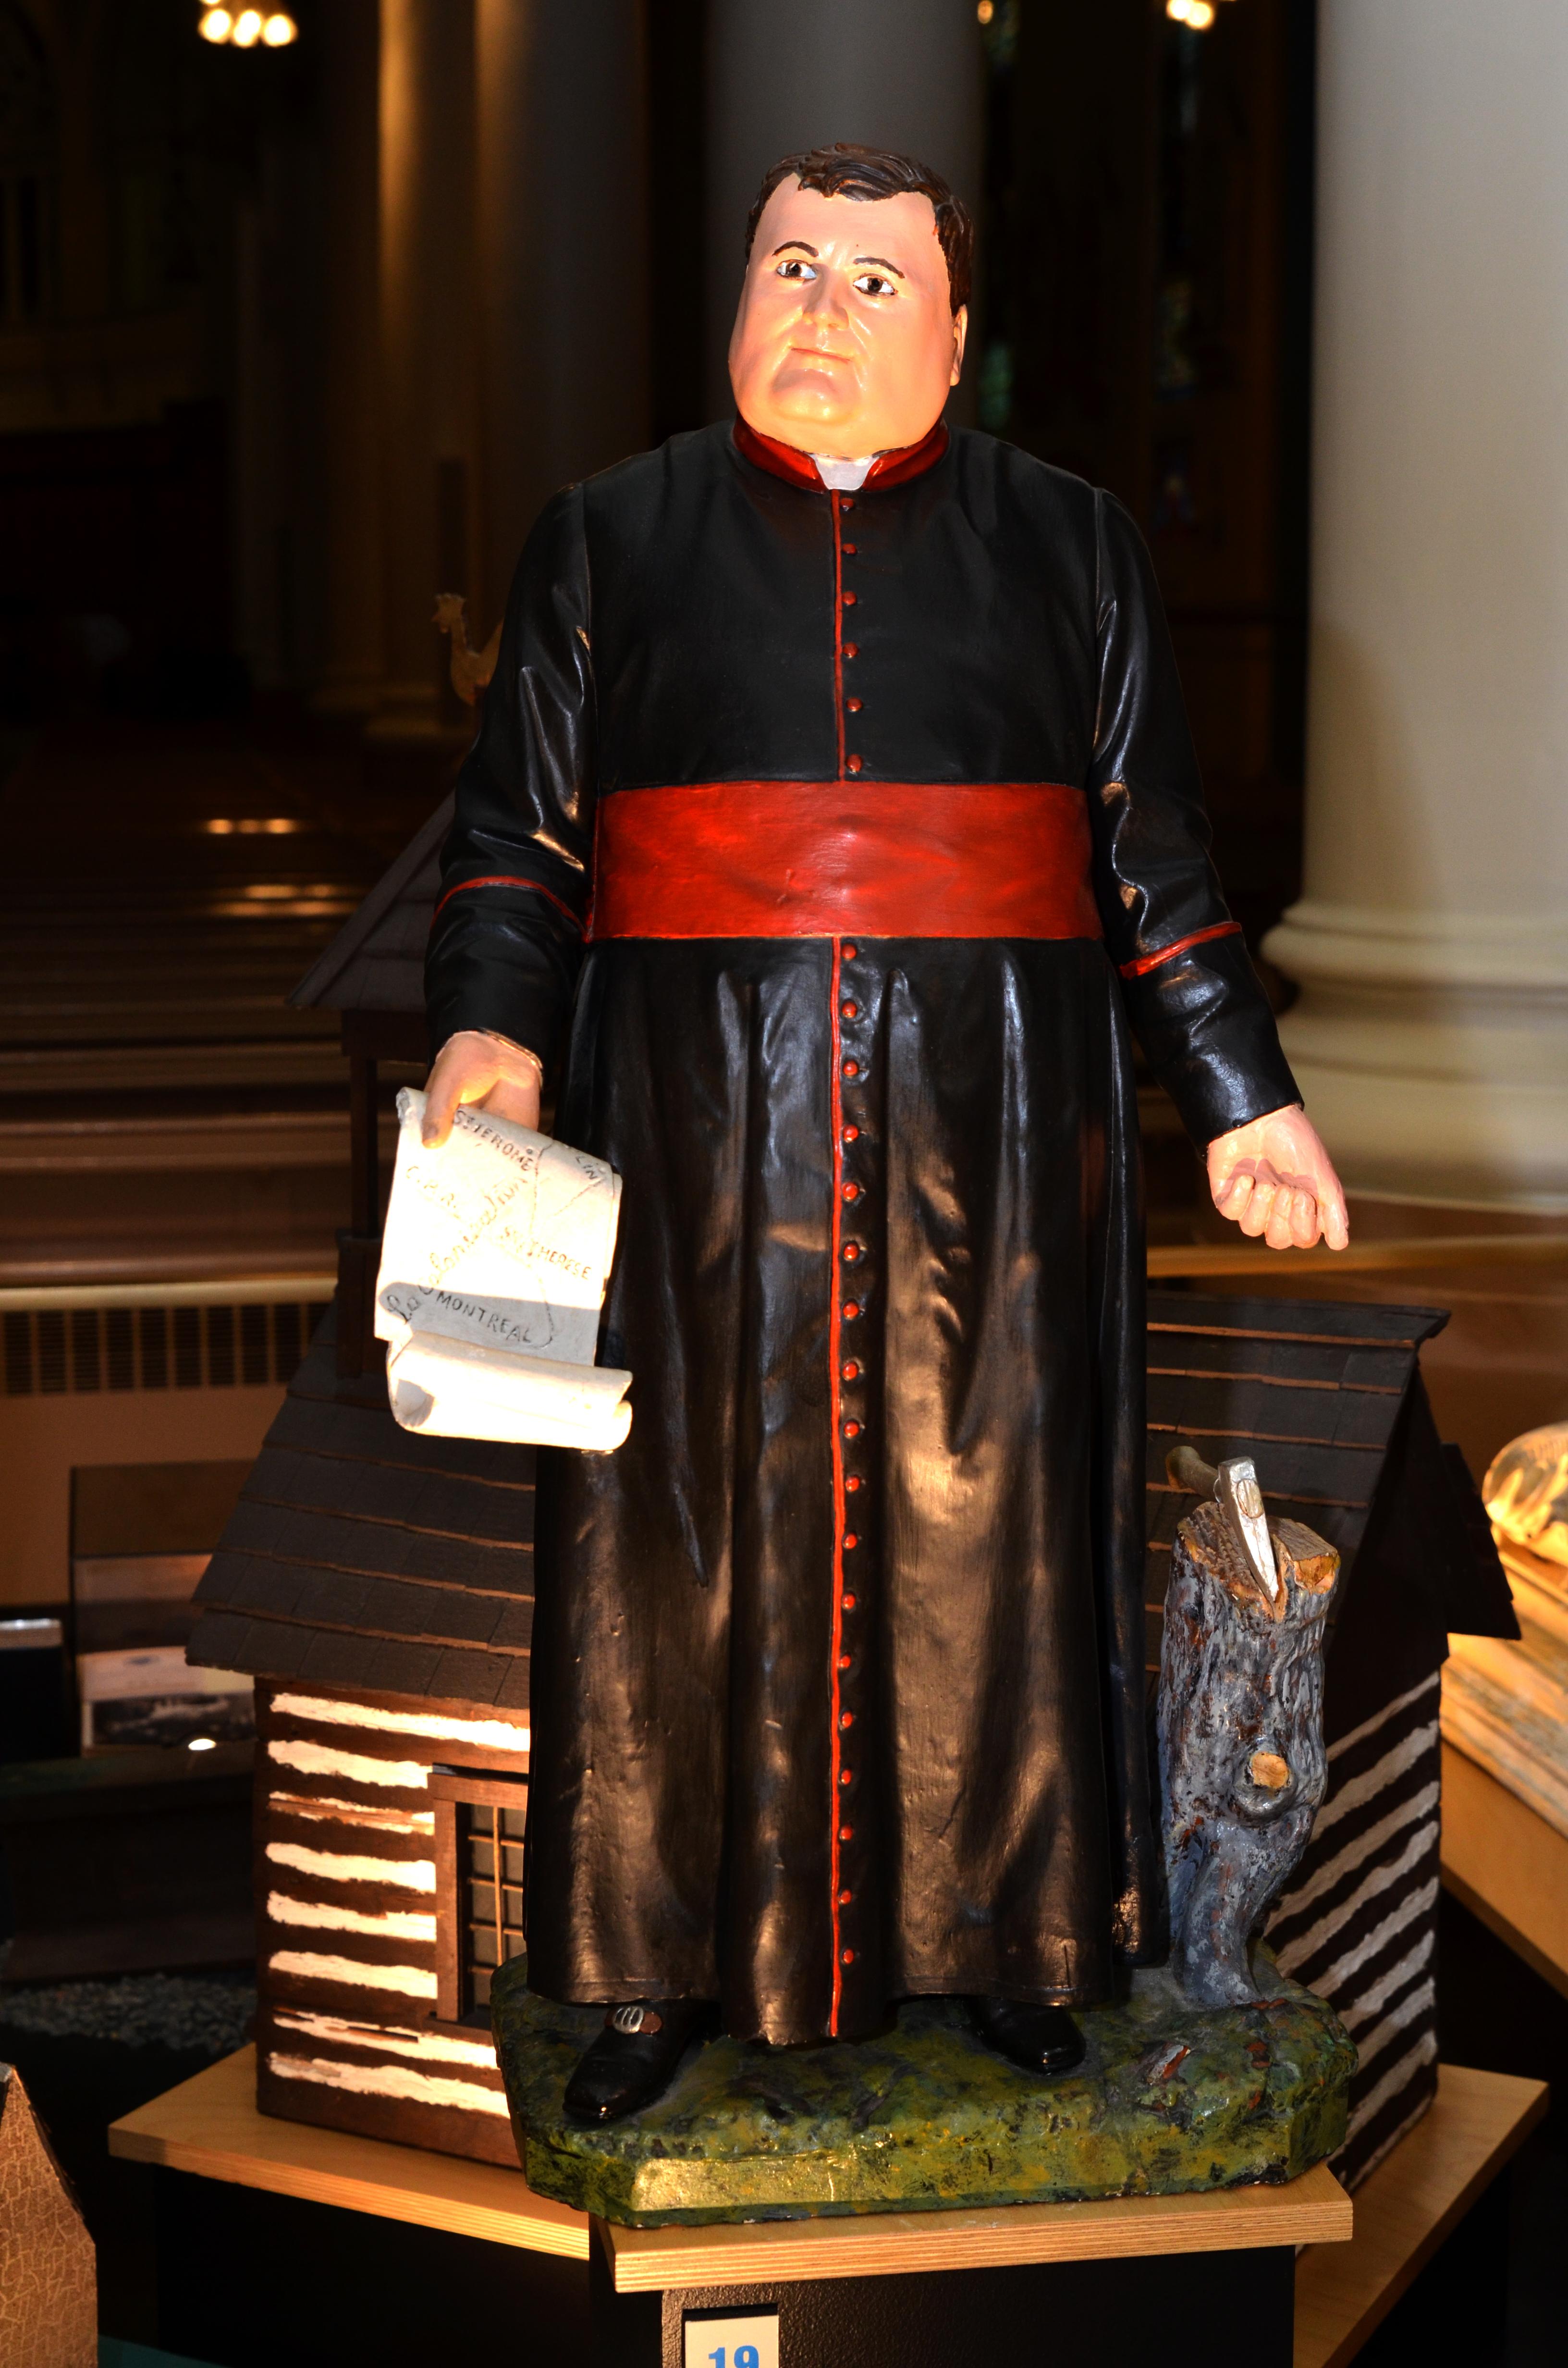 Statue de plâtre peinte. L'œuvre représente le curé Labelle tenant dans sa main droite une carte de la région des Laurentides et pointant le sol en direction d'une souche d'arbre et d'une hache de sa main gauche.